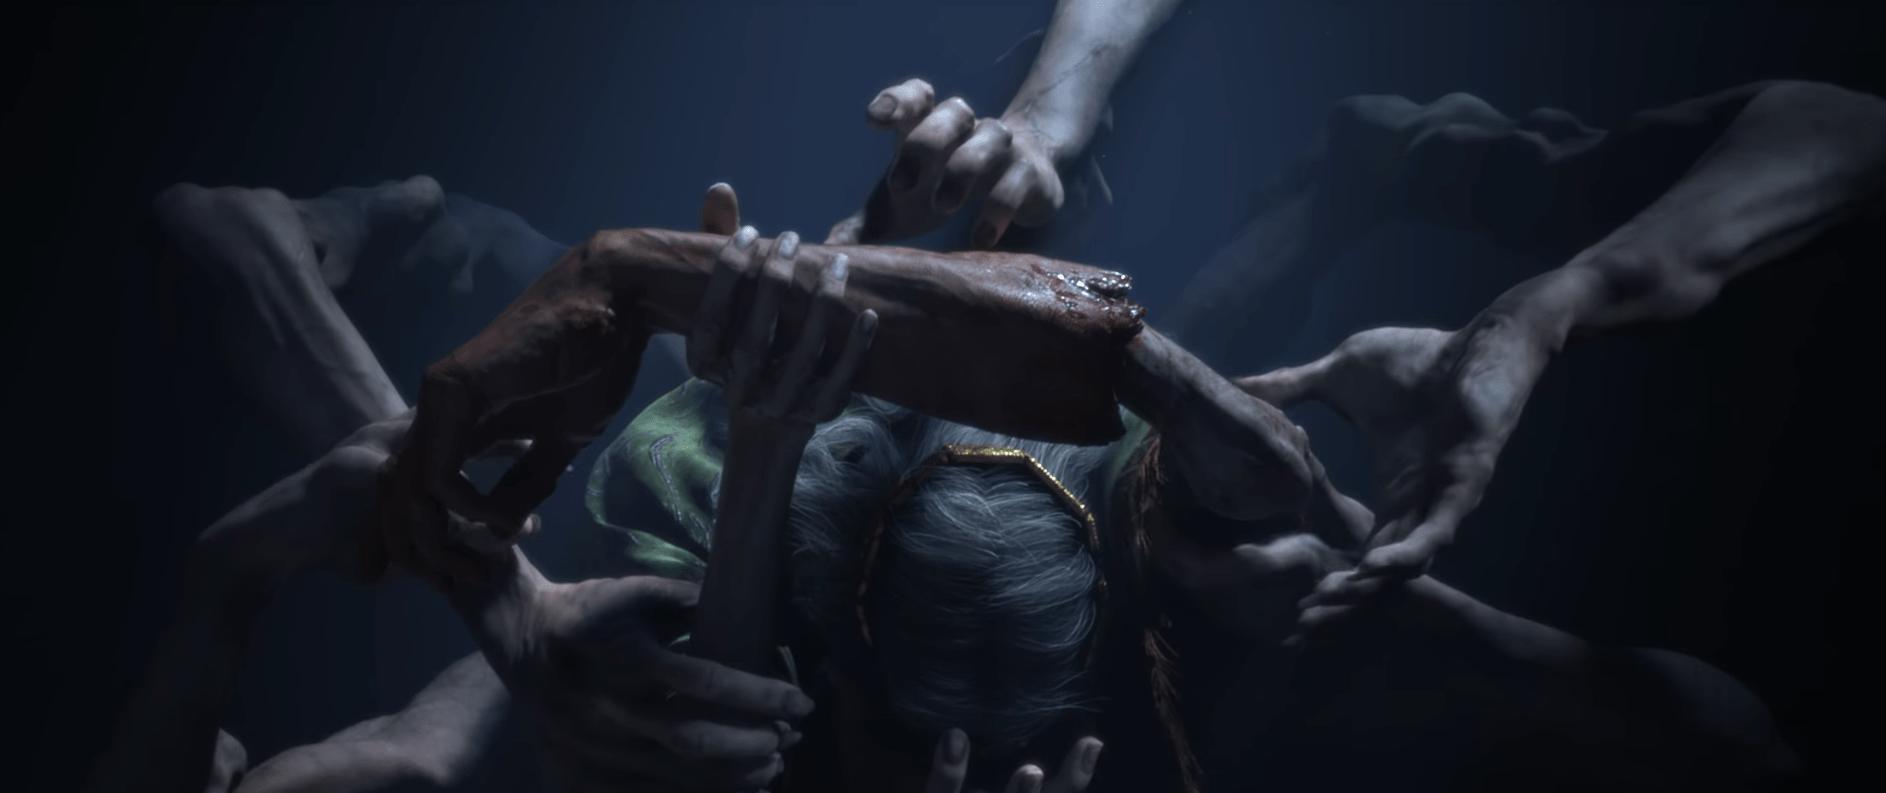 Подробности и трейлер Elden Ring — игры от FromSoftware и Джорджа Мартина